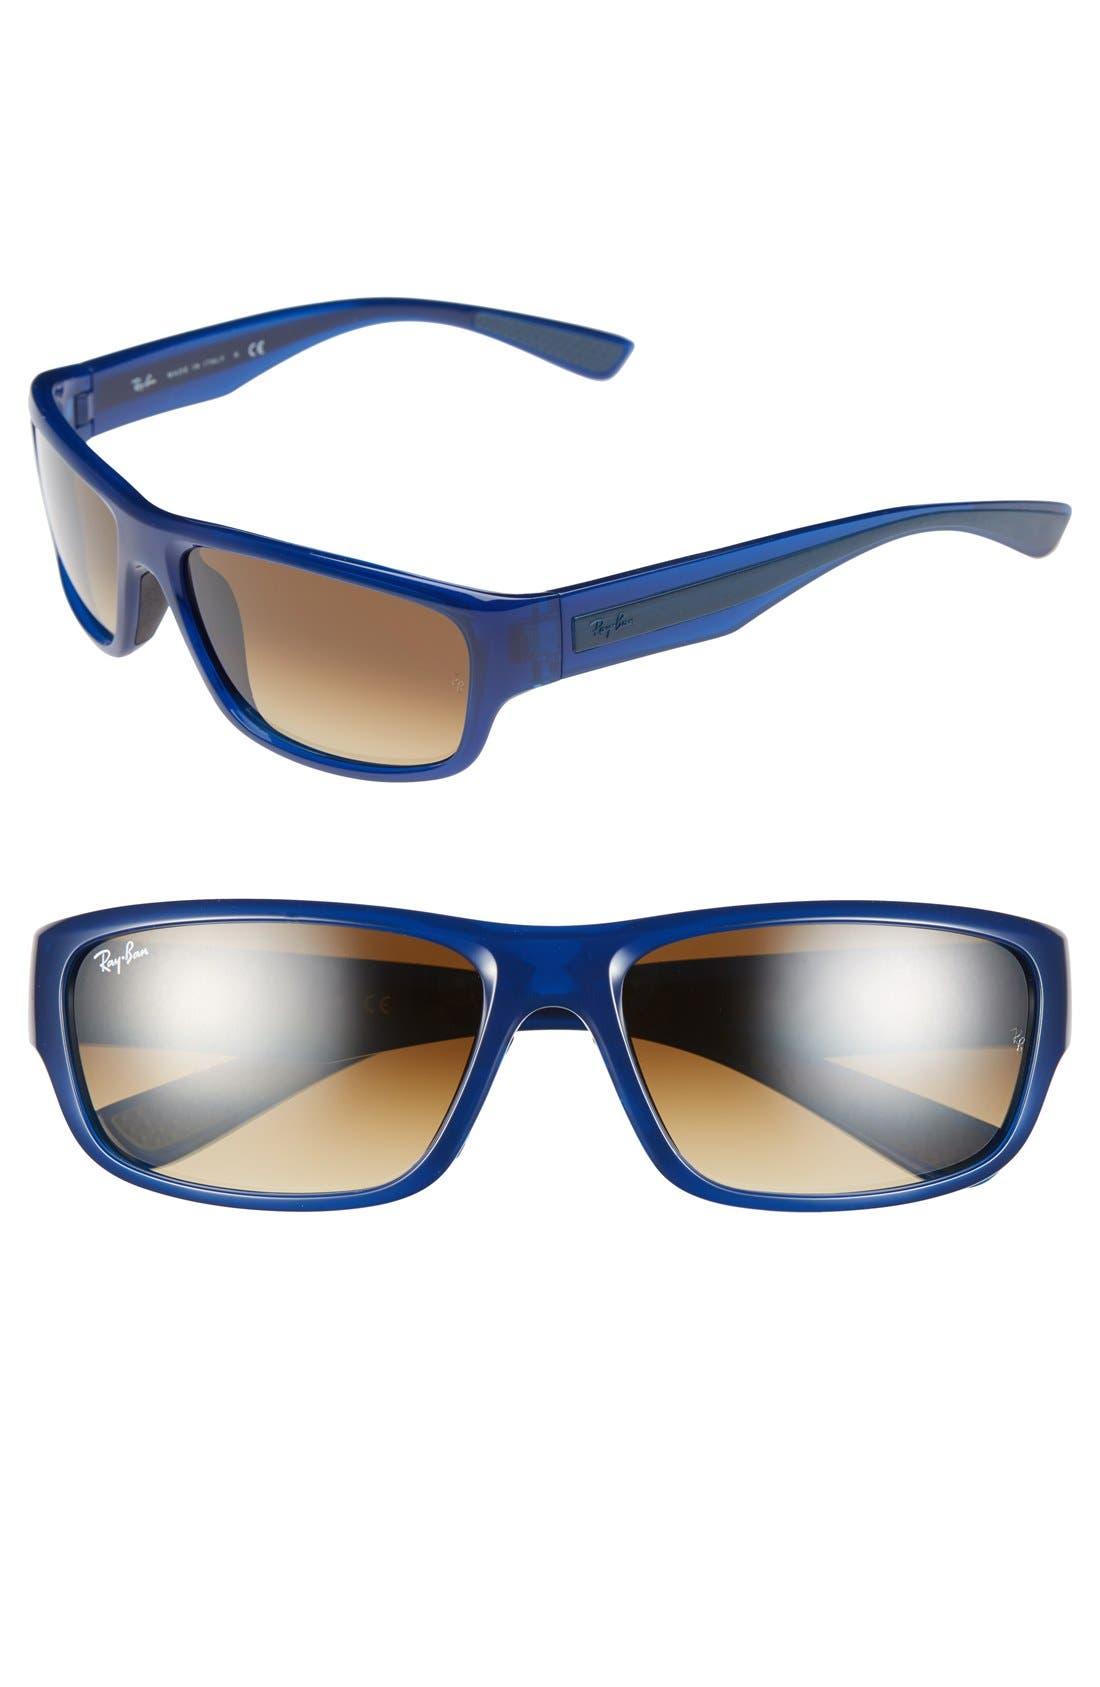 Main Image - Ray-Ban 61mm Sunglasses